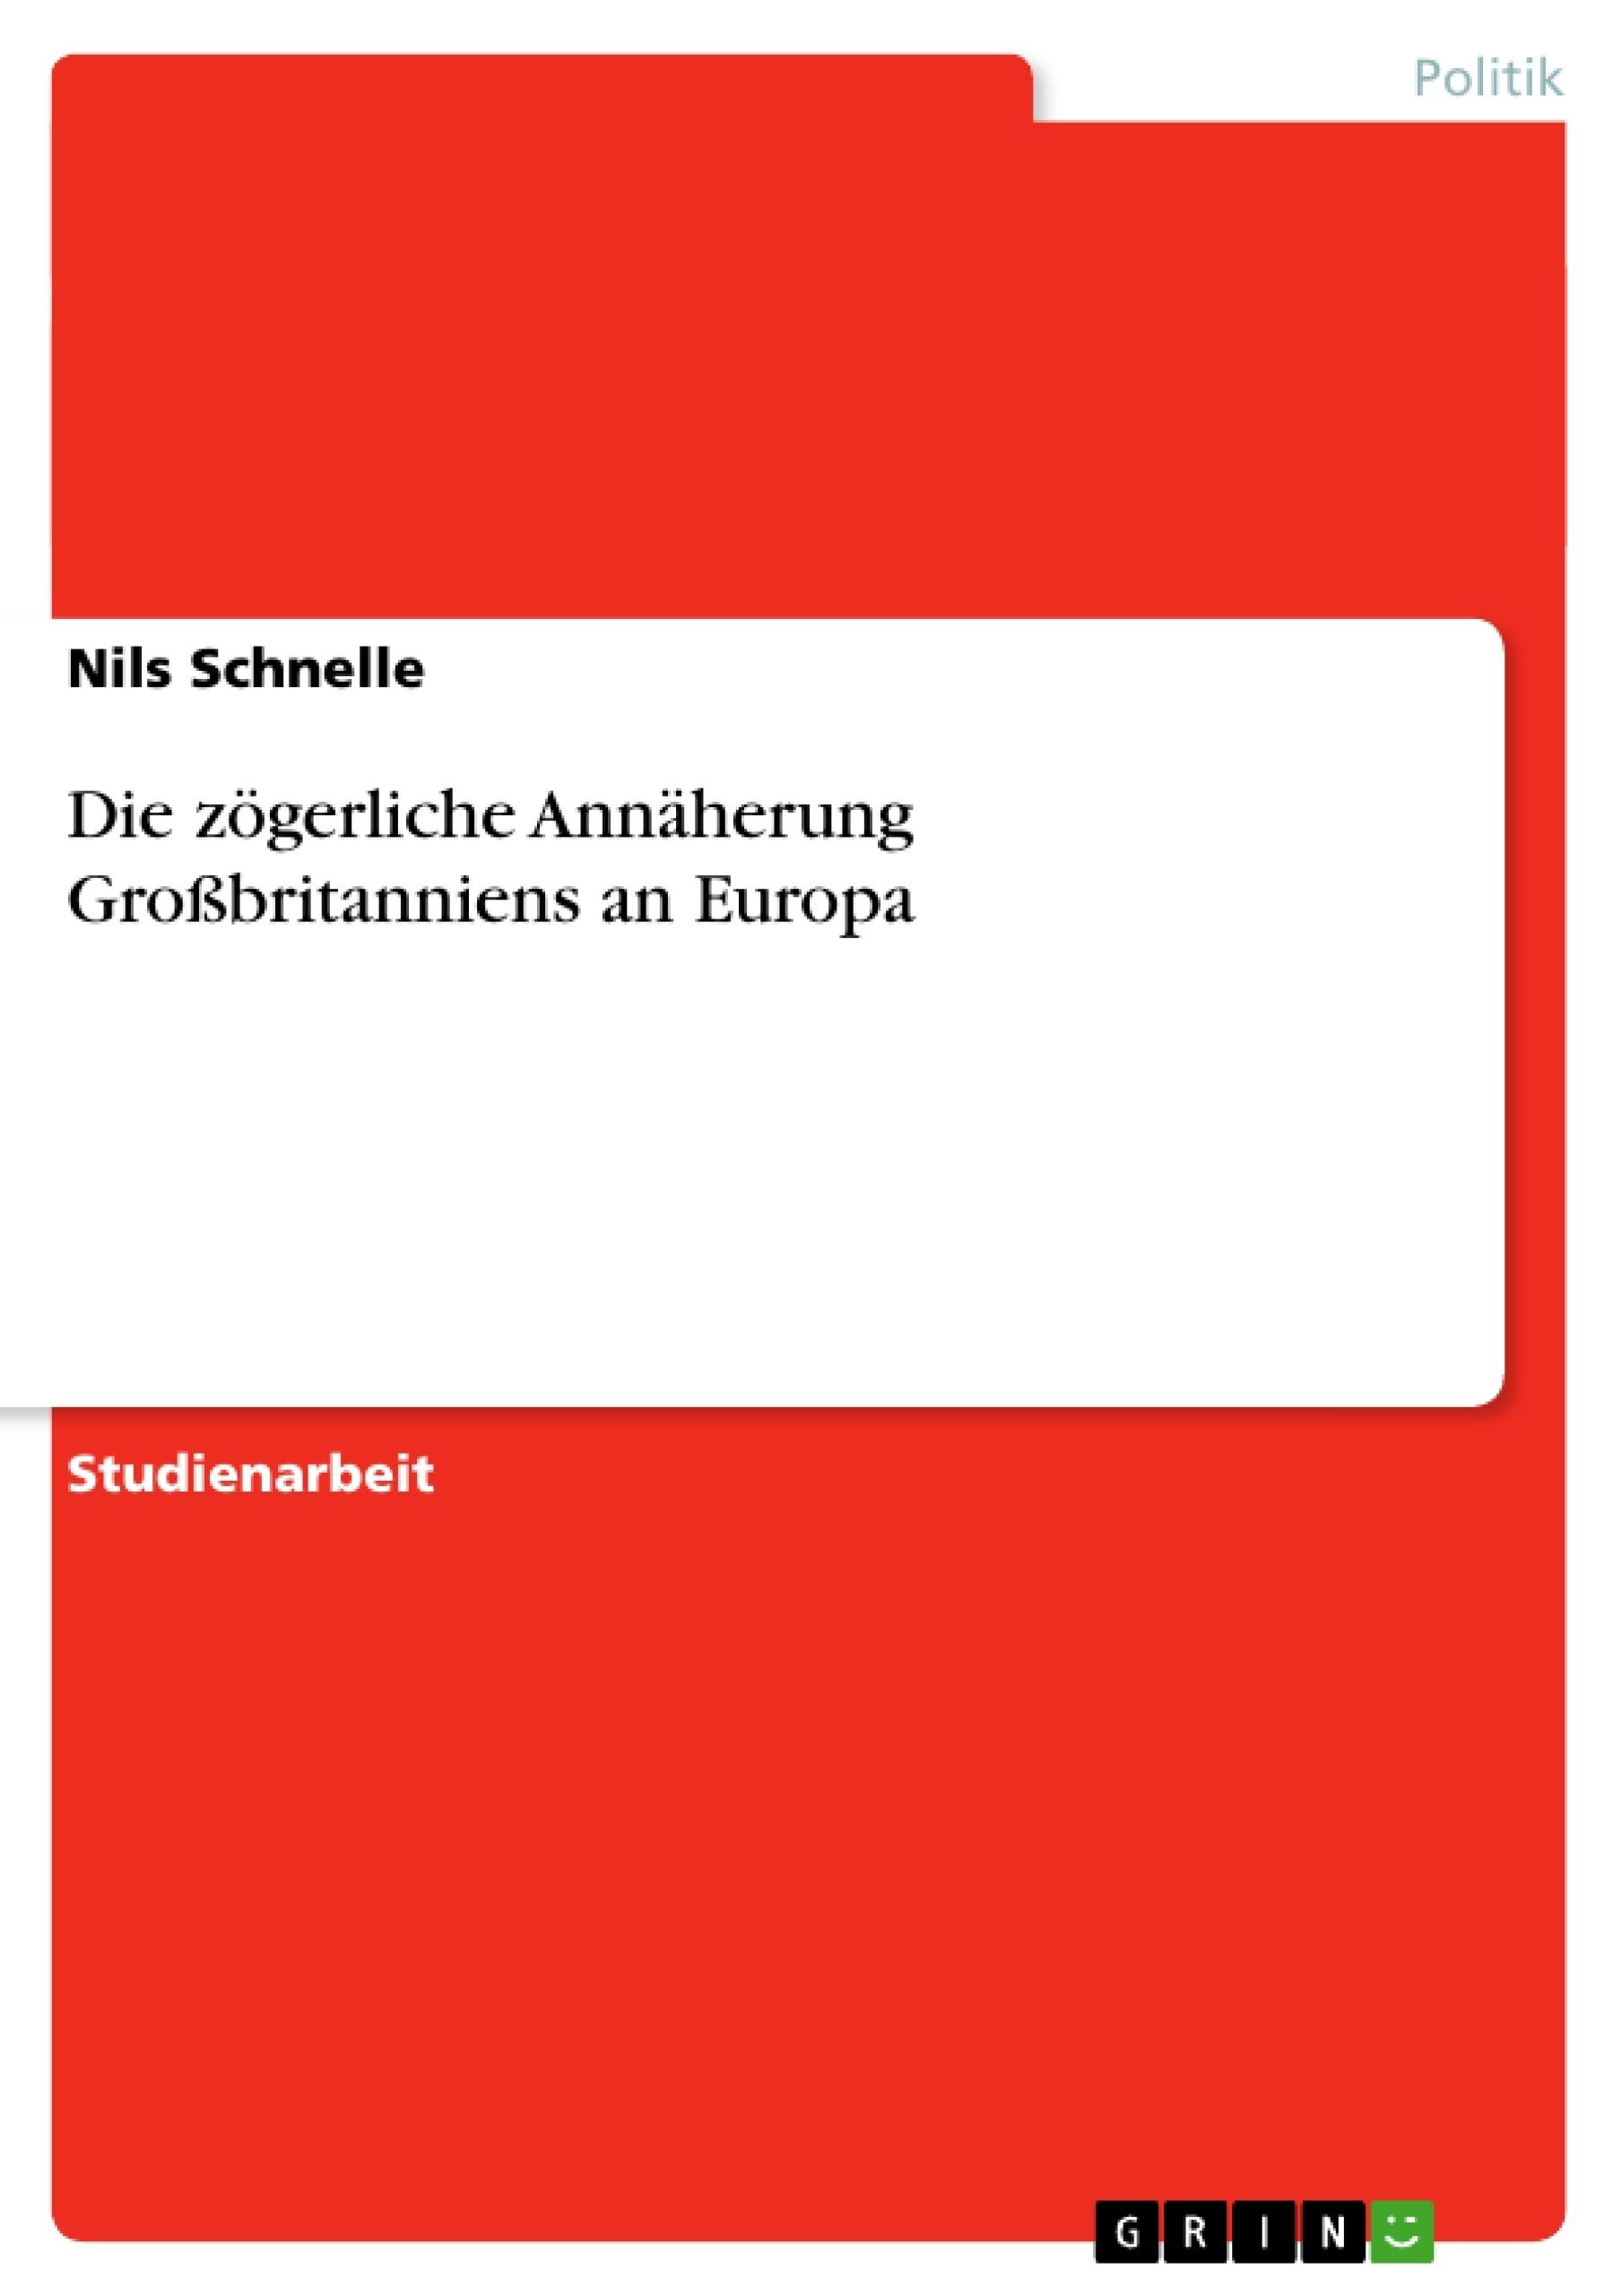 Titel: Die zögerliche Annäherung Großbritanniens an Europa